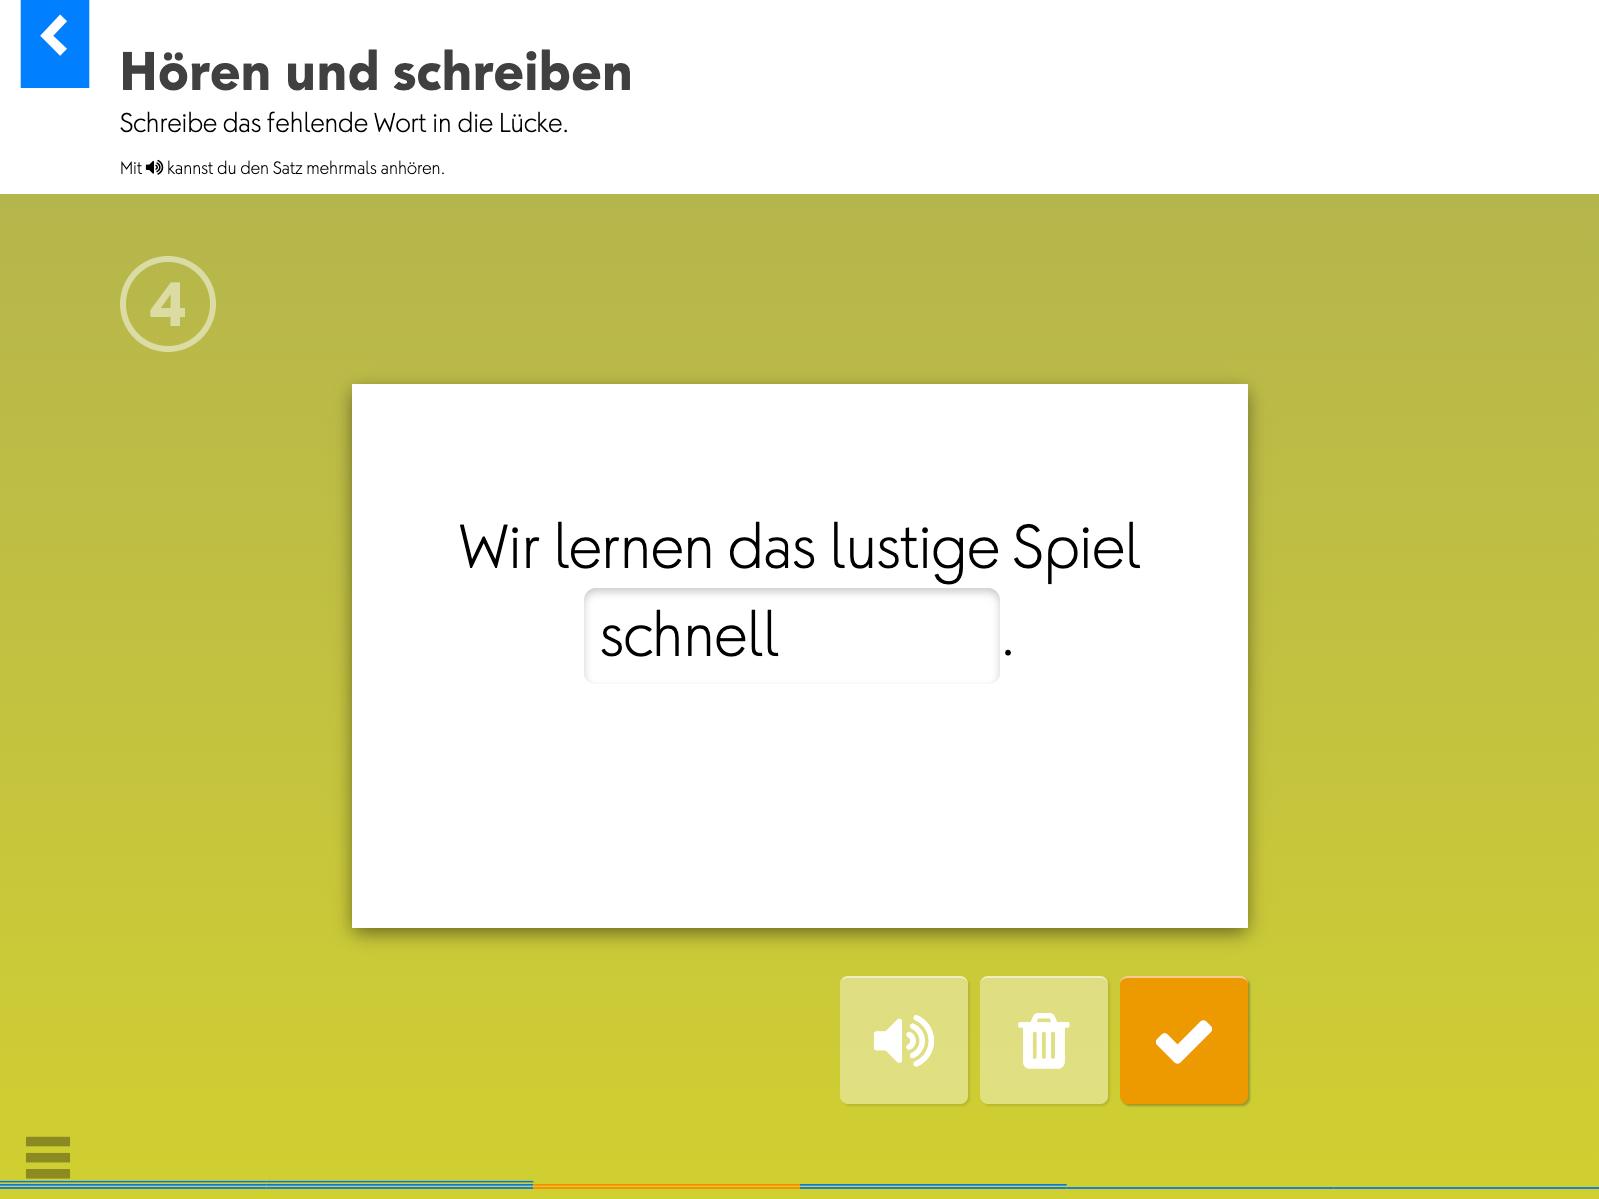 Wortkartei: Deutsch (Station 4) – Hören und schreiben